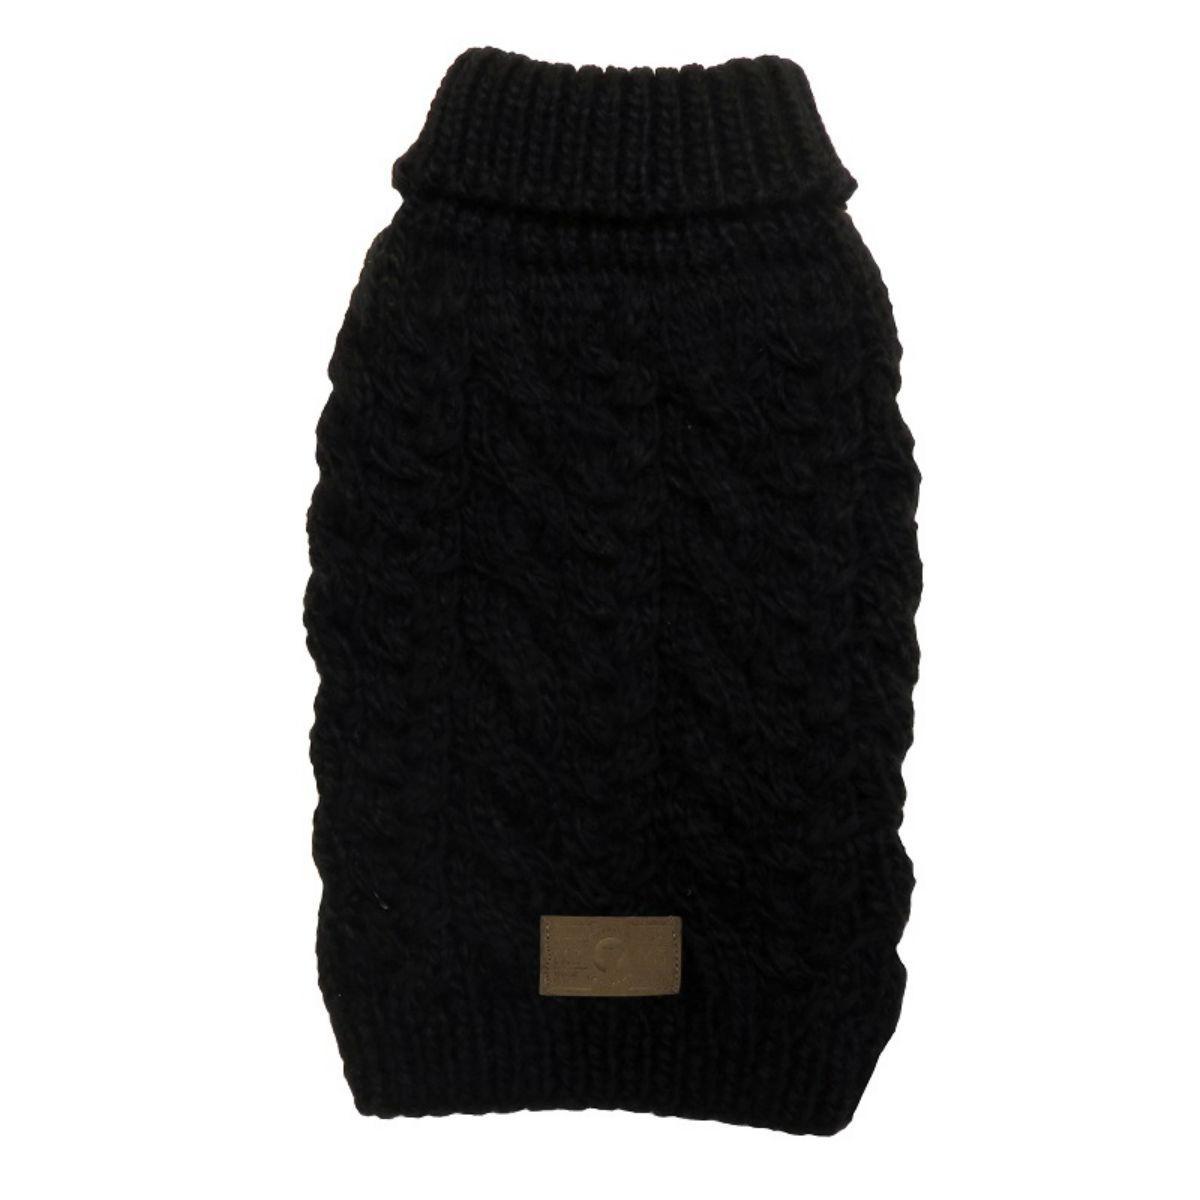 fabdog® Wool Turtleneck Dog Sweater - Black